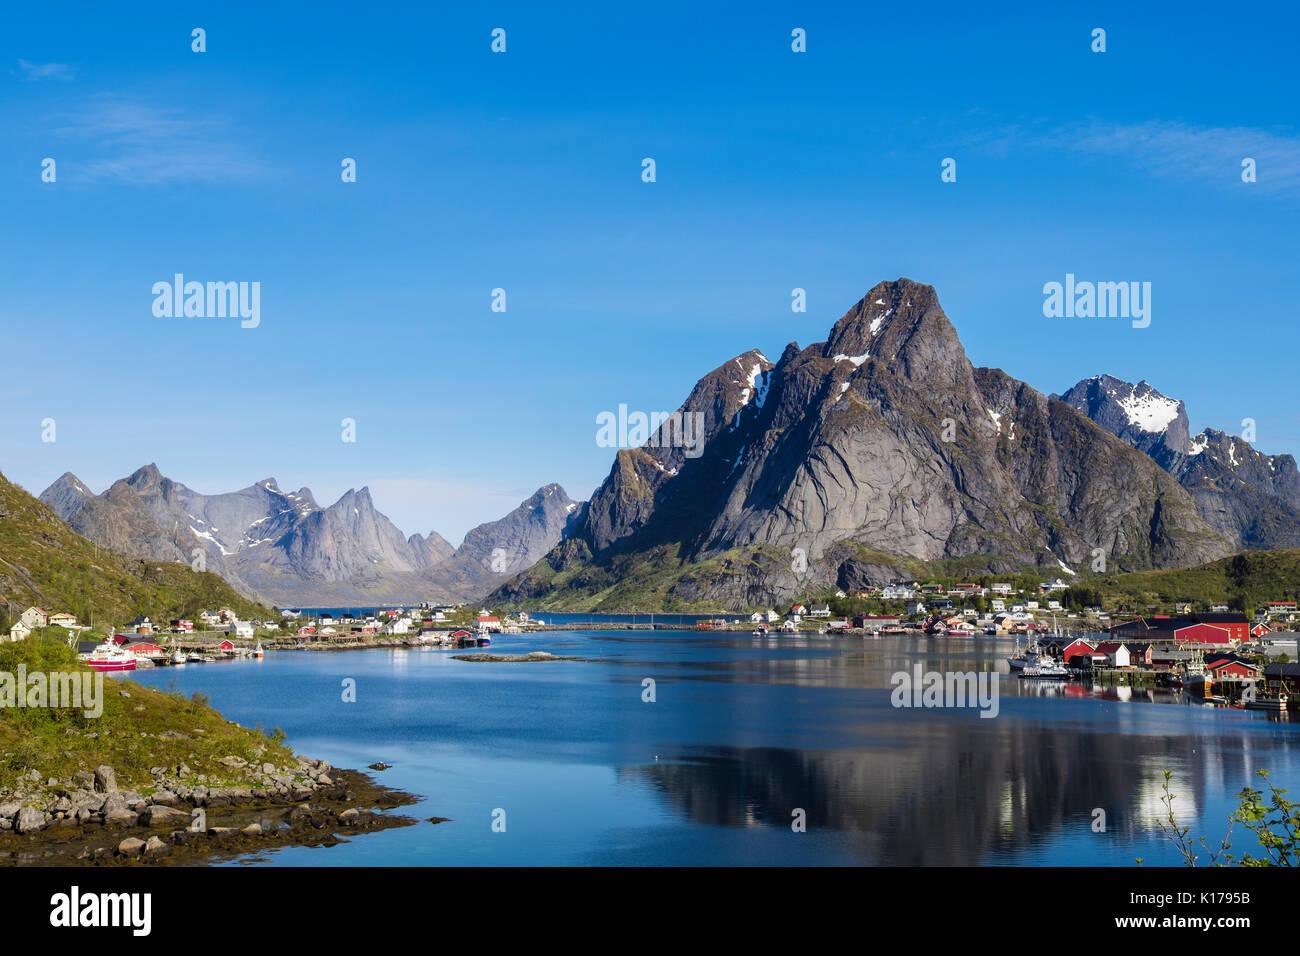 Ver todo natural pintoresco puerto pesquero a la montaña en verano. Reine, Moskenes, Moskenesøya Isla, Islas Lofoten, Nordland, Noruega Foto de stock